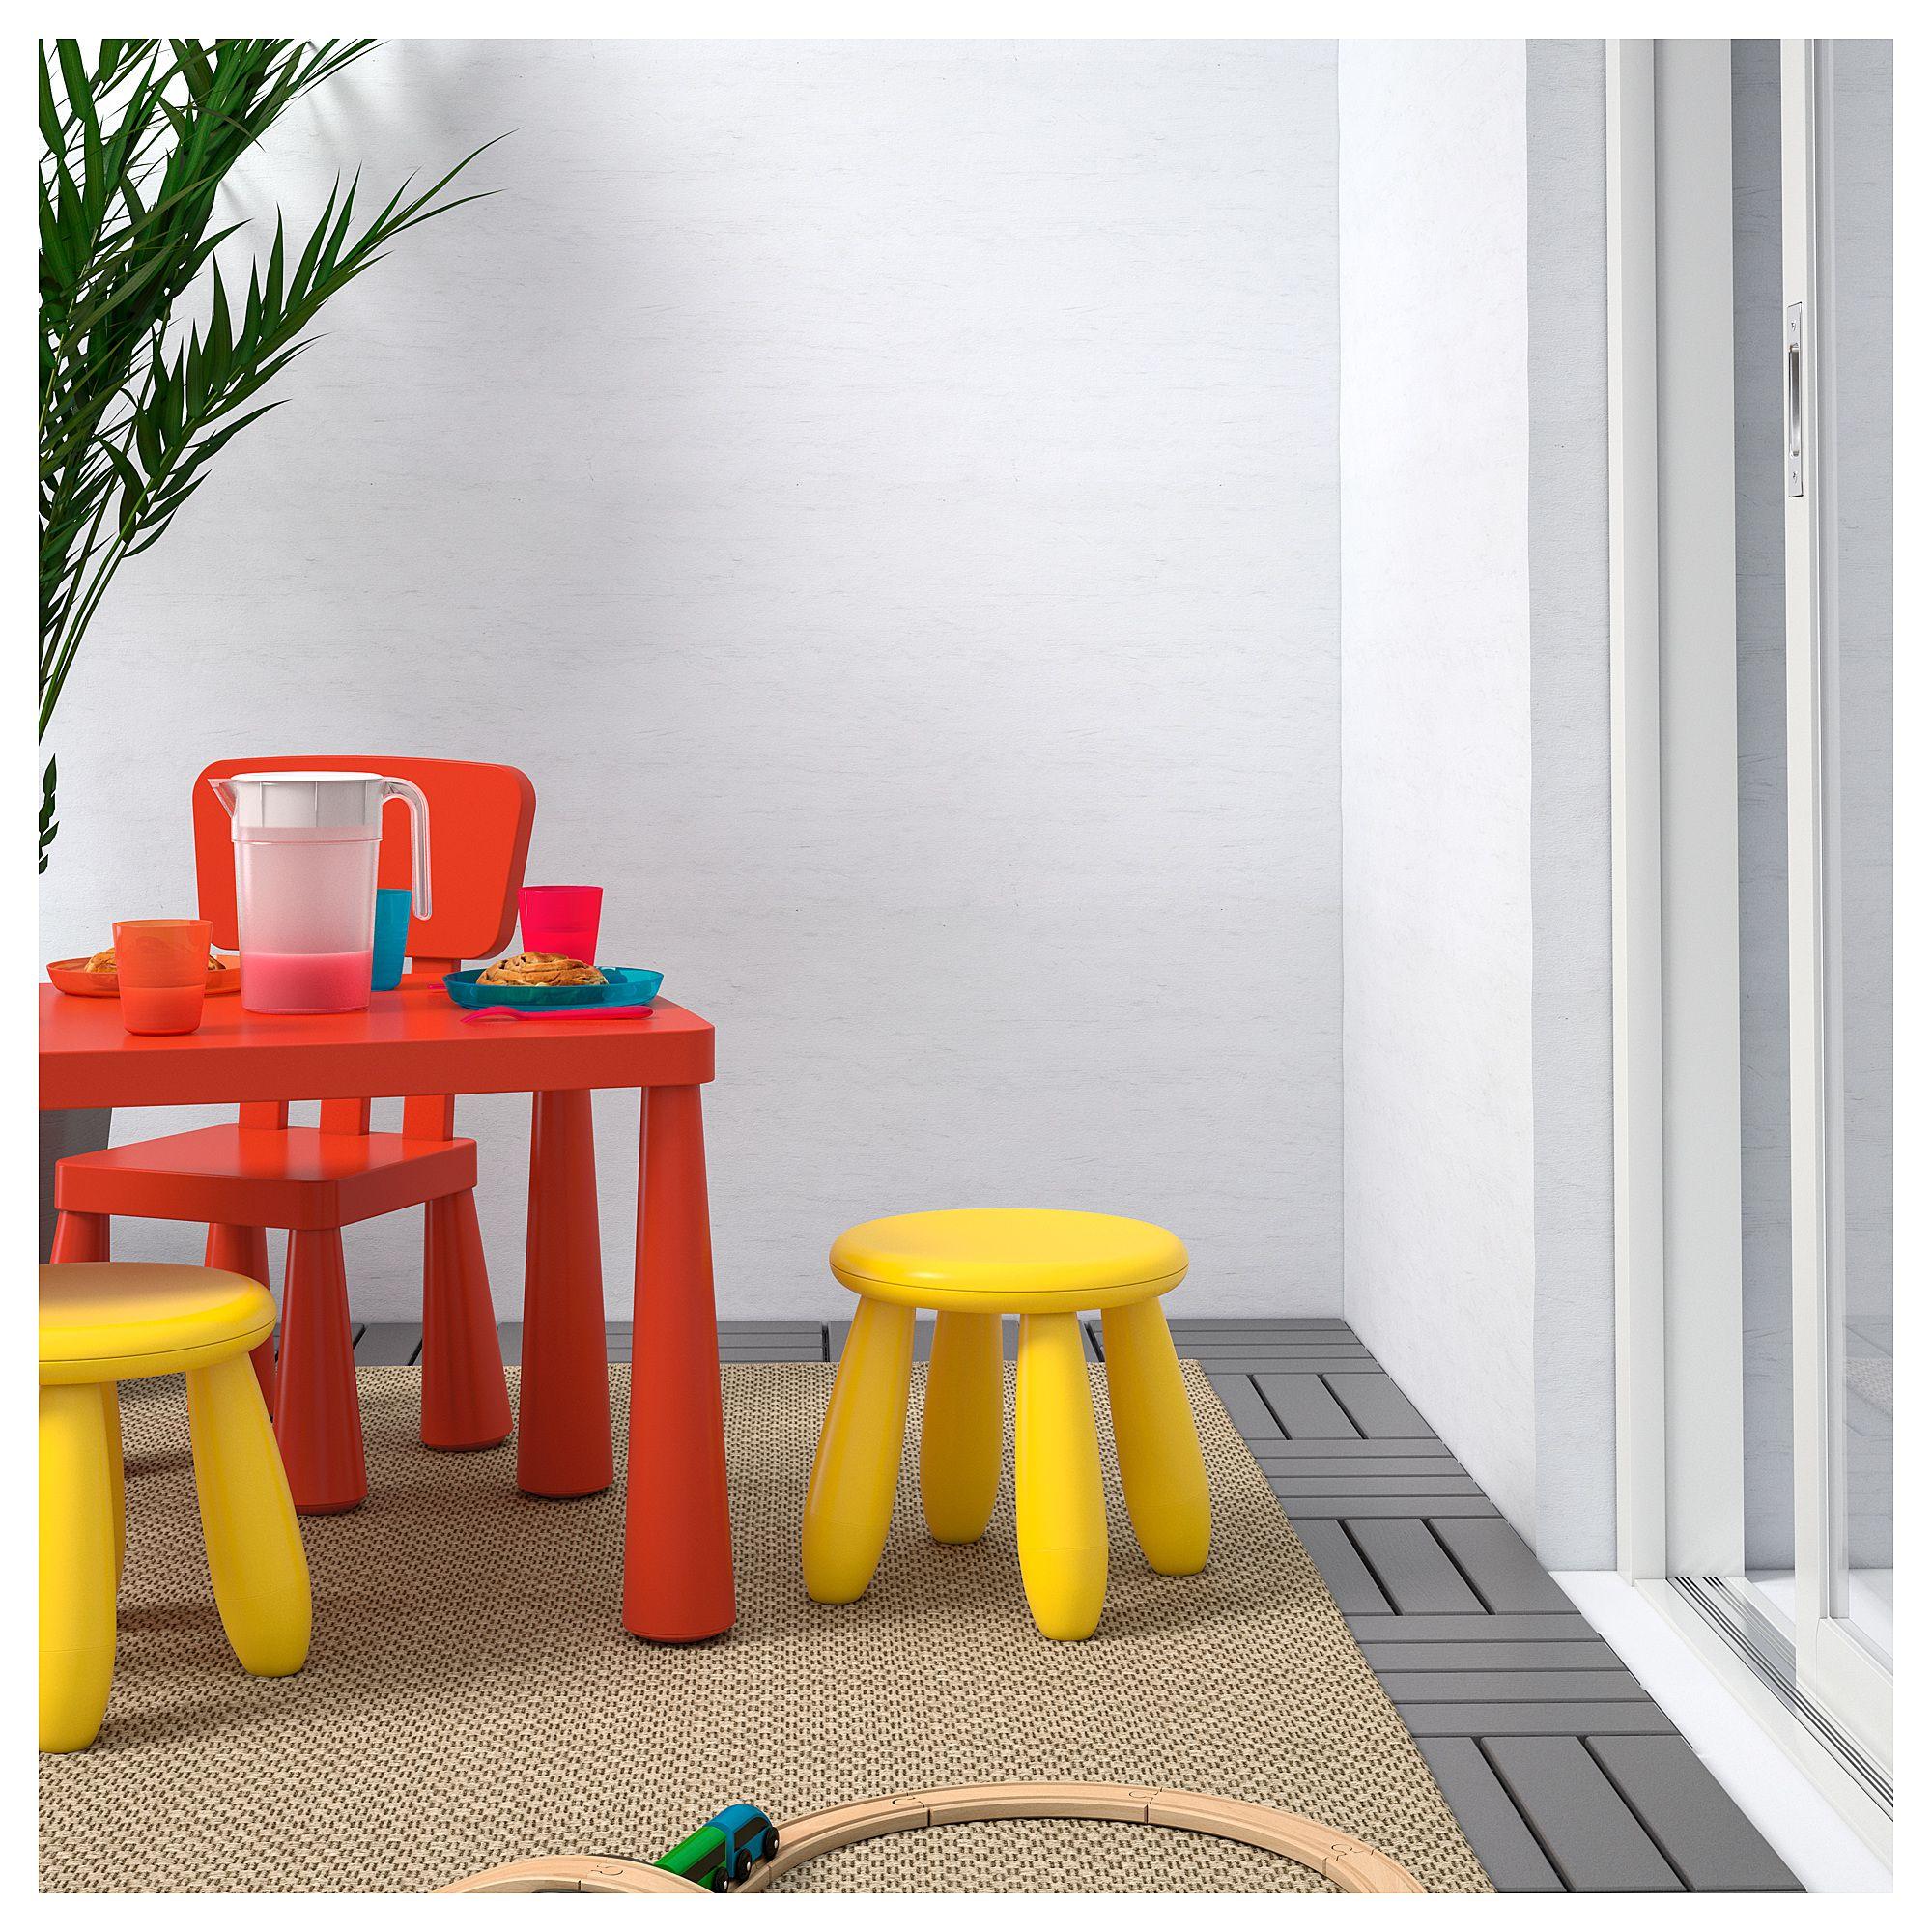 Ikea Mammut Kinderhocker In Gelb Fur Drinnen Und Draussen